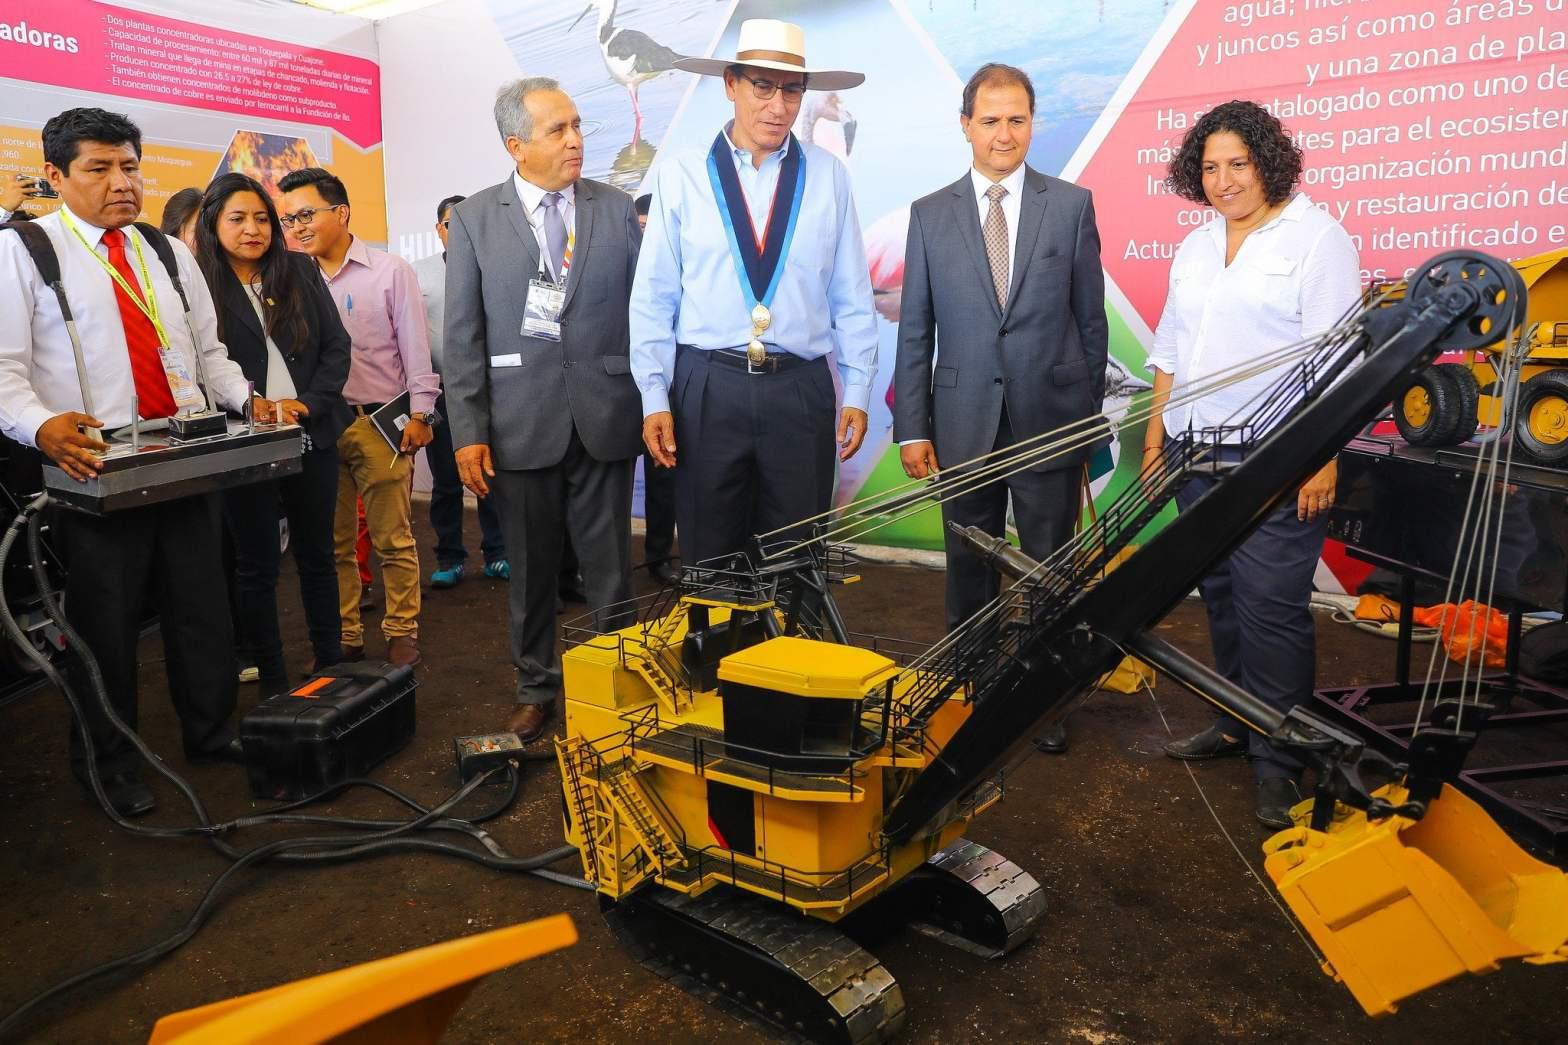 Presidente Vizcarra invita a invertir en la minería con responsabilidad ambiental